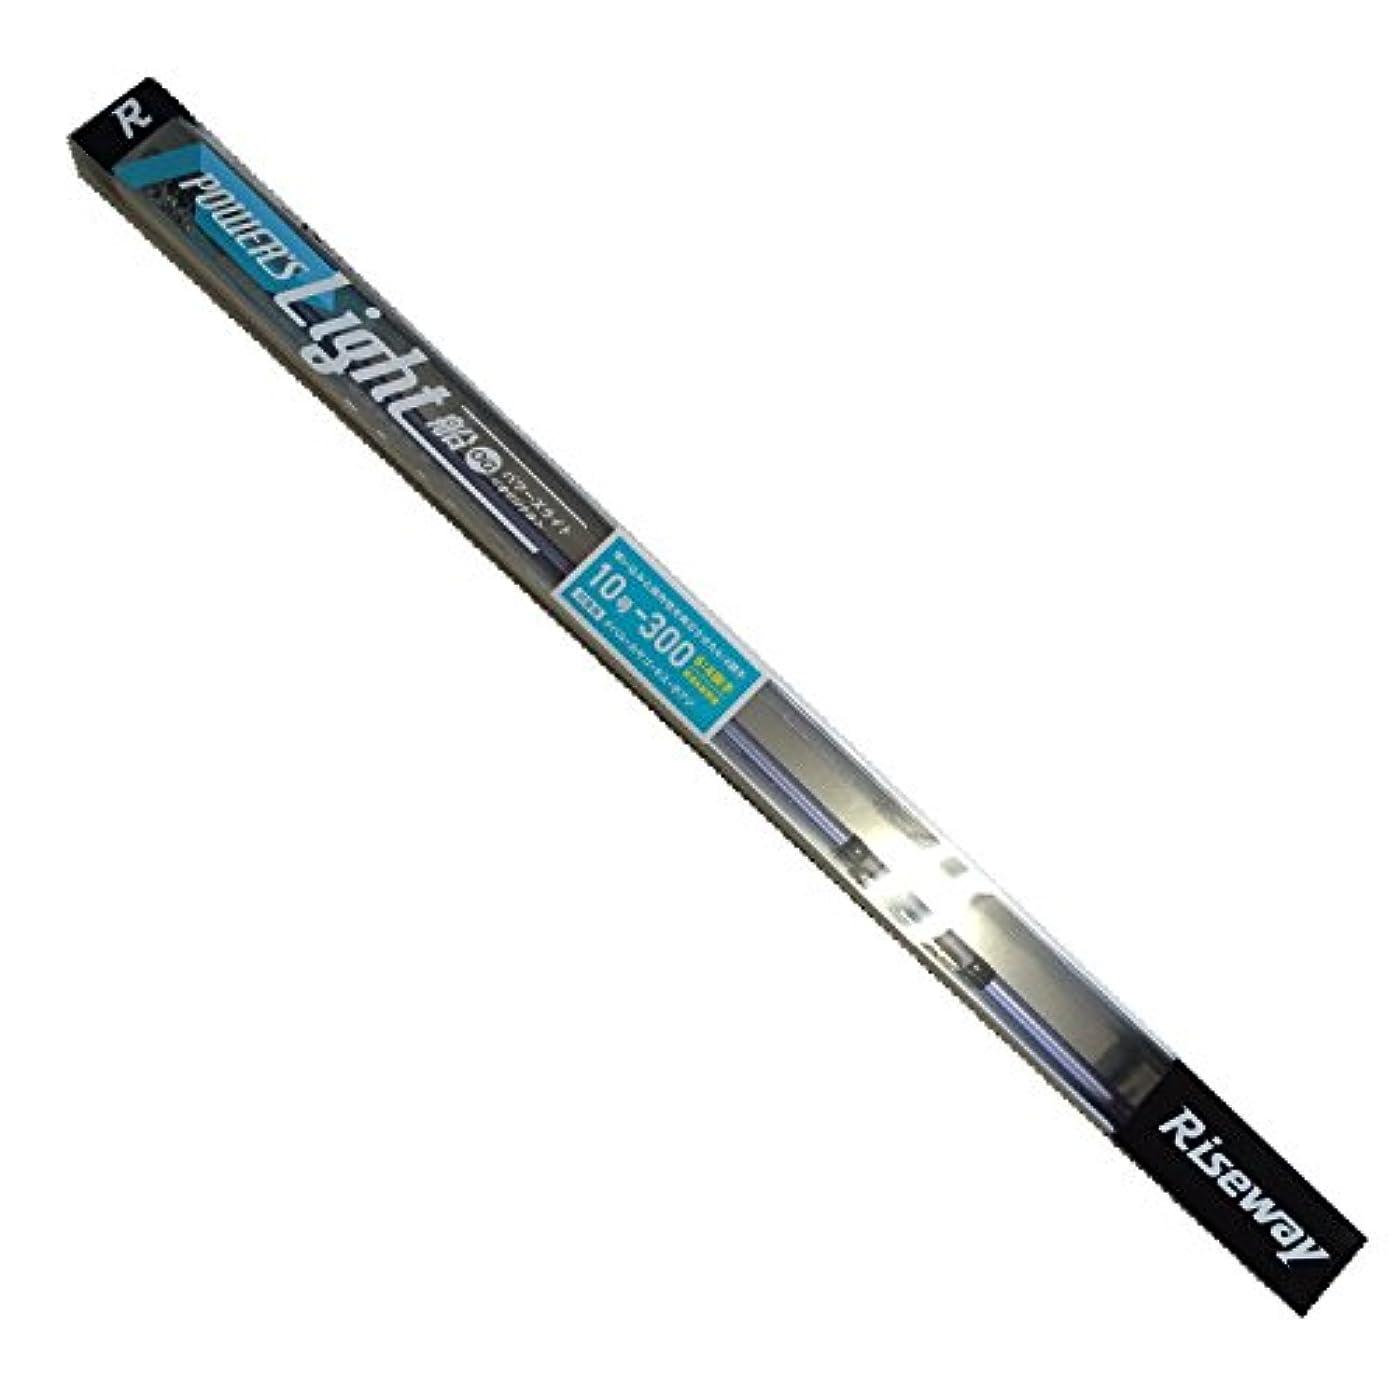 達成する繰り返す扇動するRISEWAY(ライズウェイ) ロッド POWER'S Light 10-300